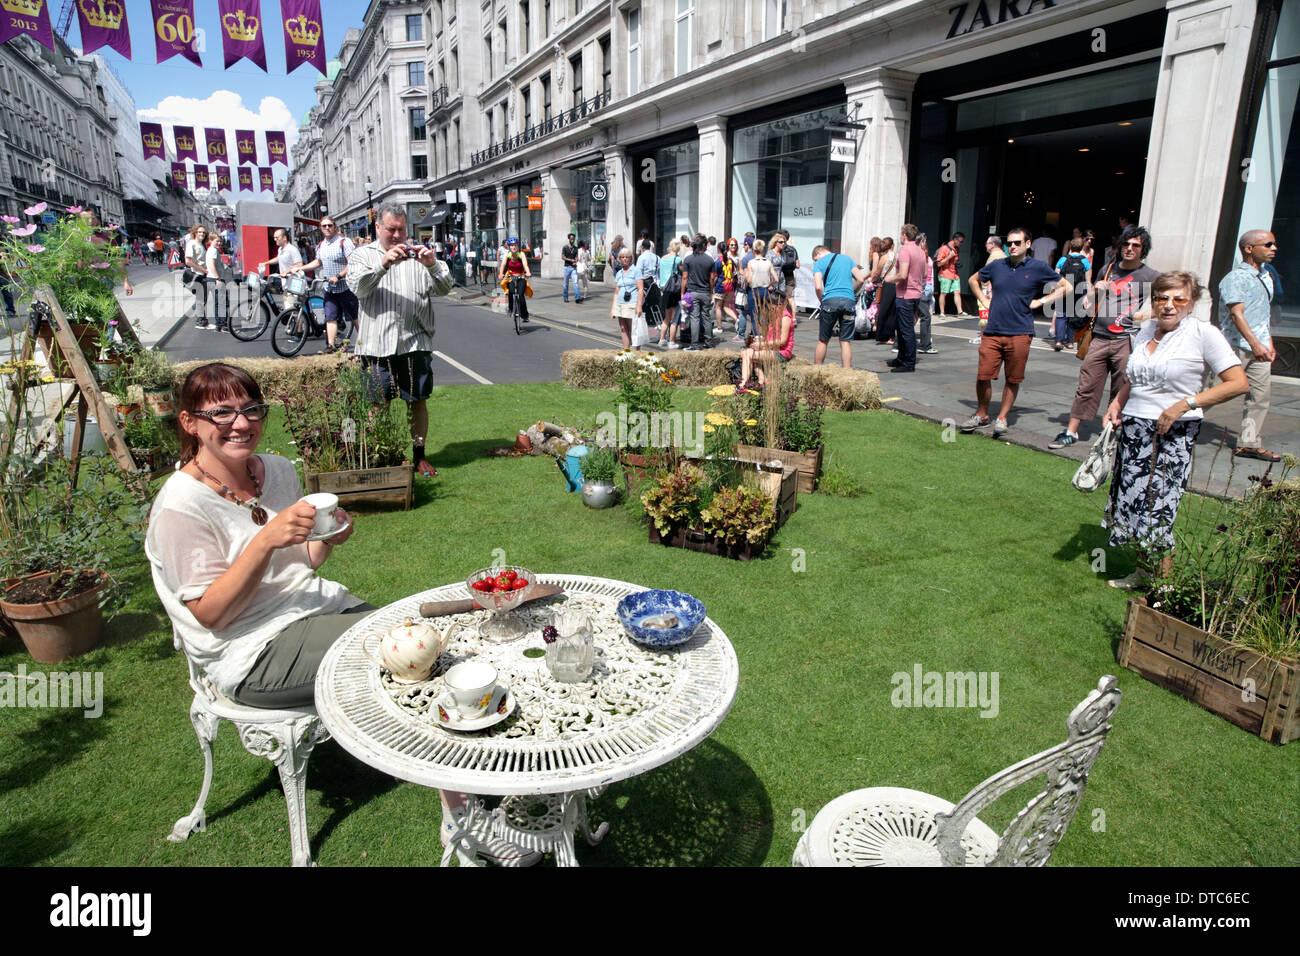 Rachel Parker Soden enjoys a cup of tea in her pop-up garden in London's Regent Street on 28 July 2013. [Event described below] - Stock Image